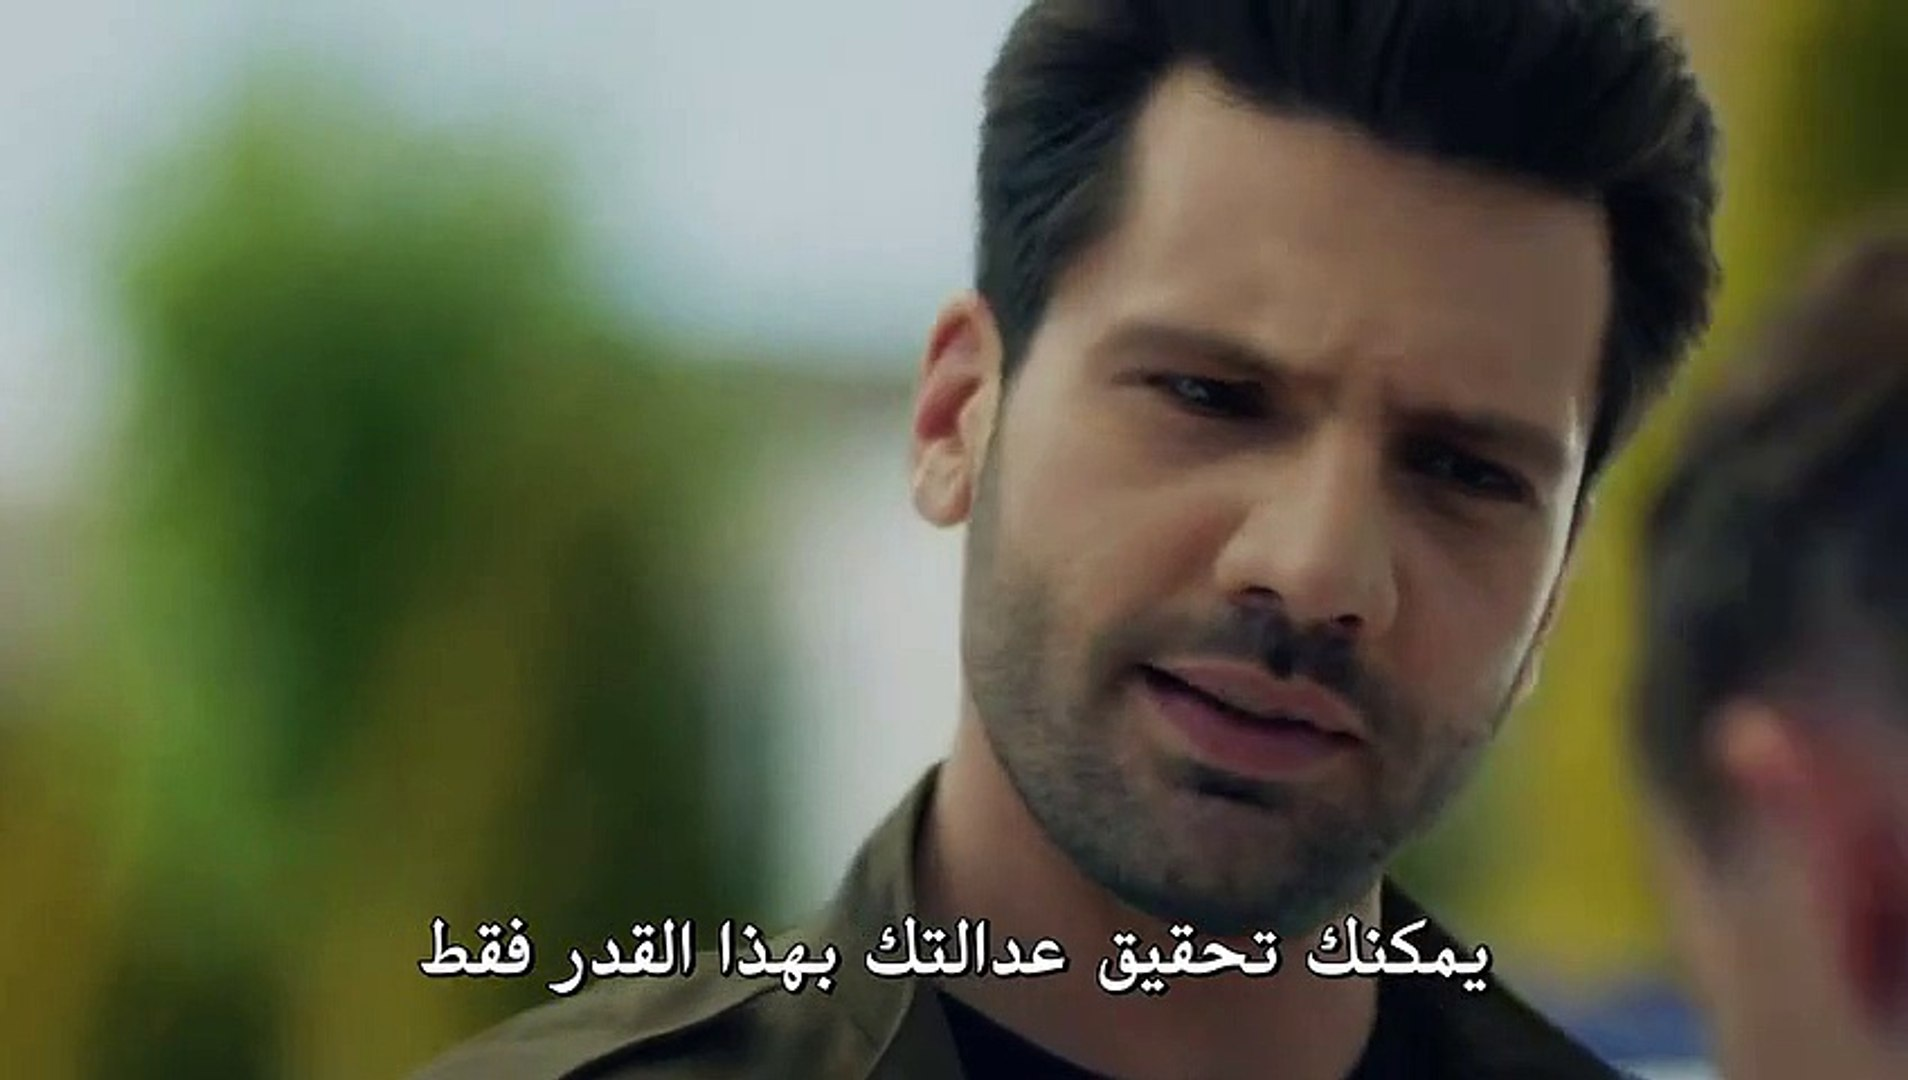 مسلسل حب أعمى 2 الموسم الثاني مترجم للعربية - الحلقة 32 القسم 3 - video  dailymotion